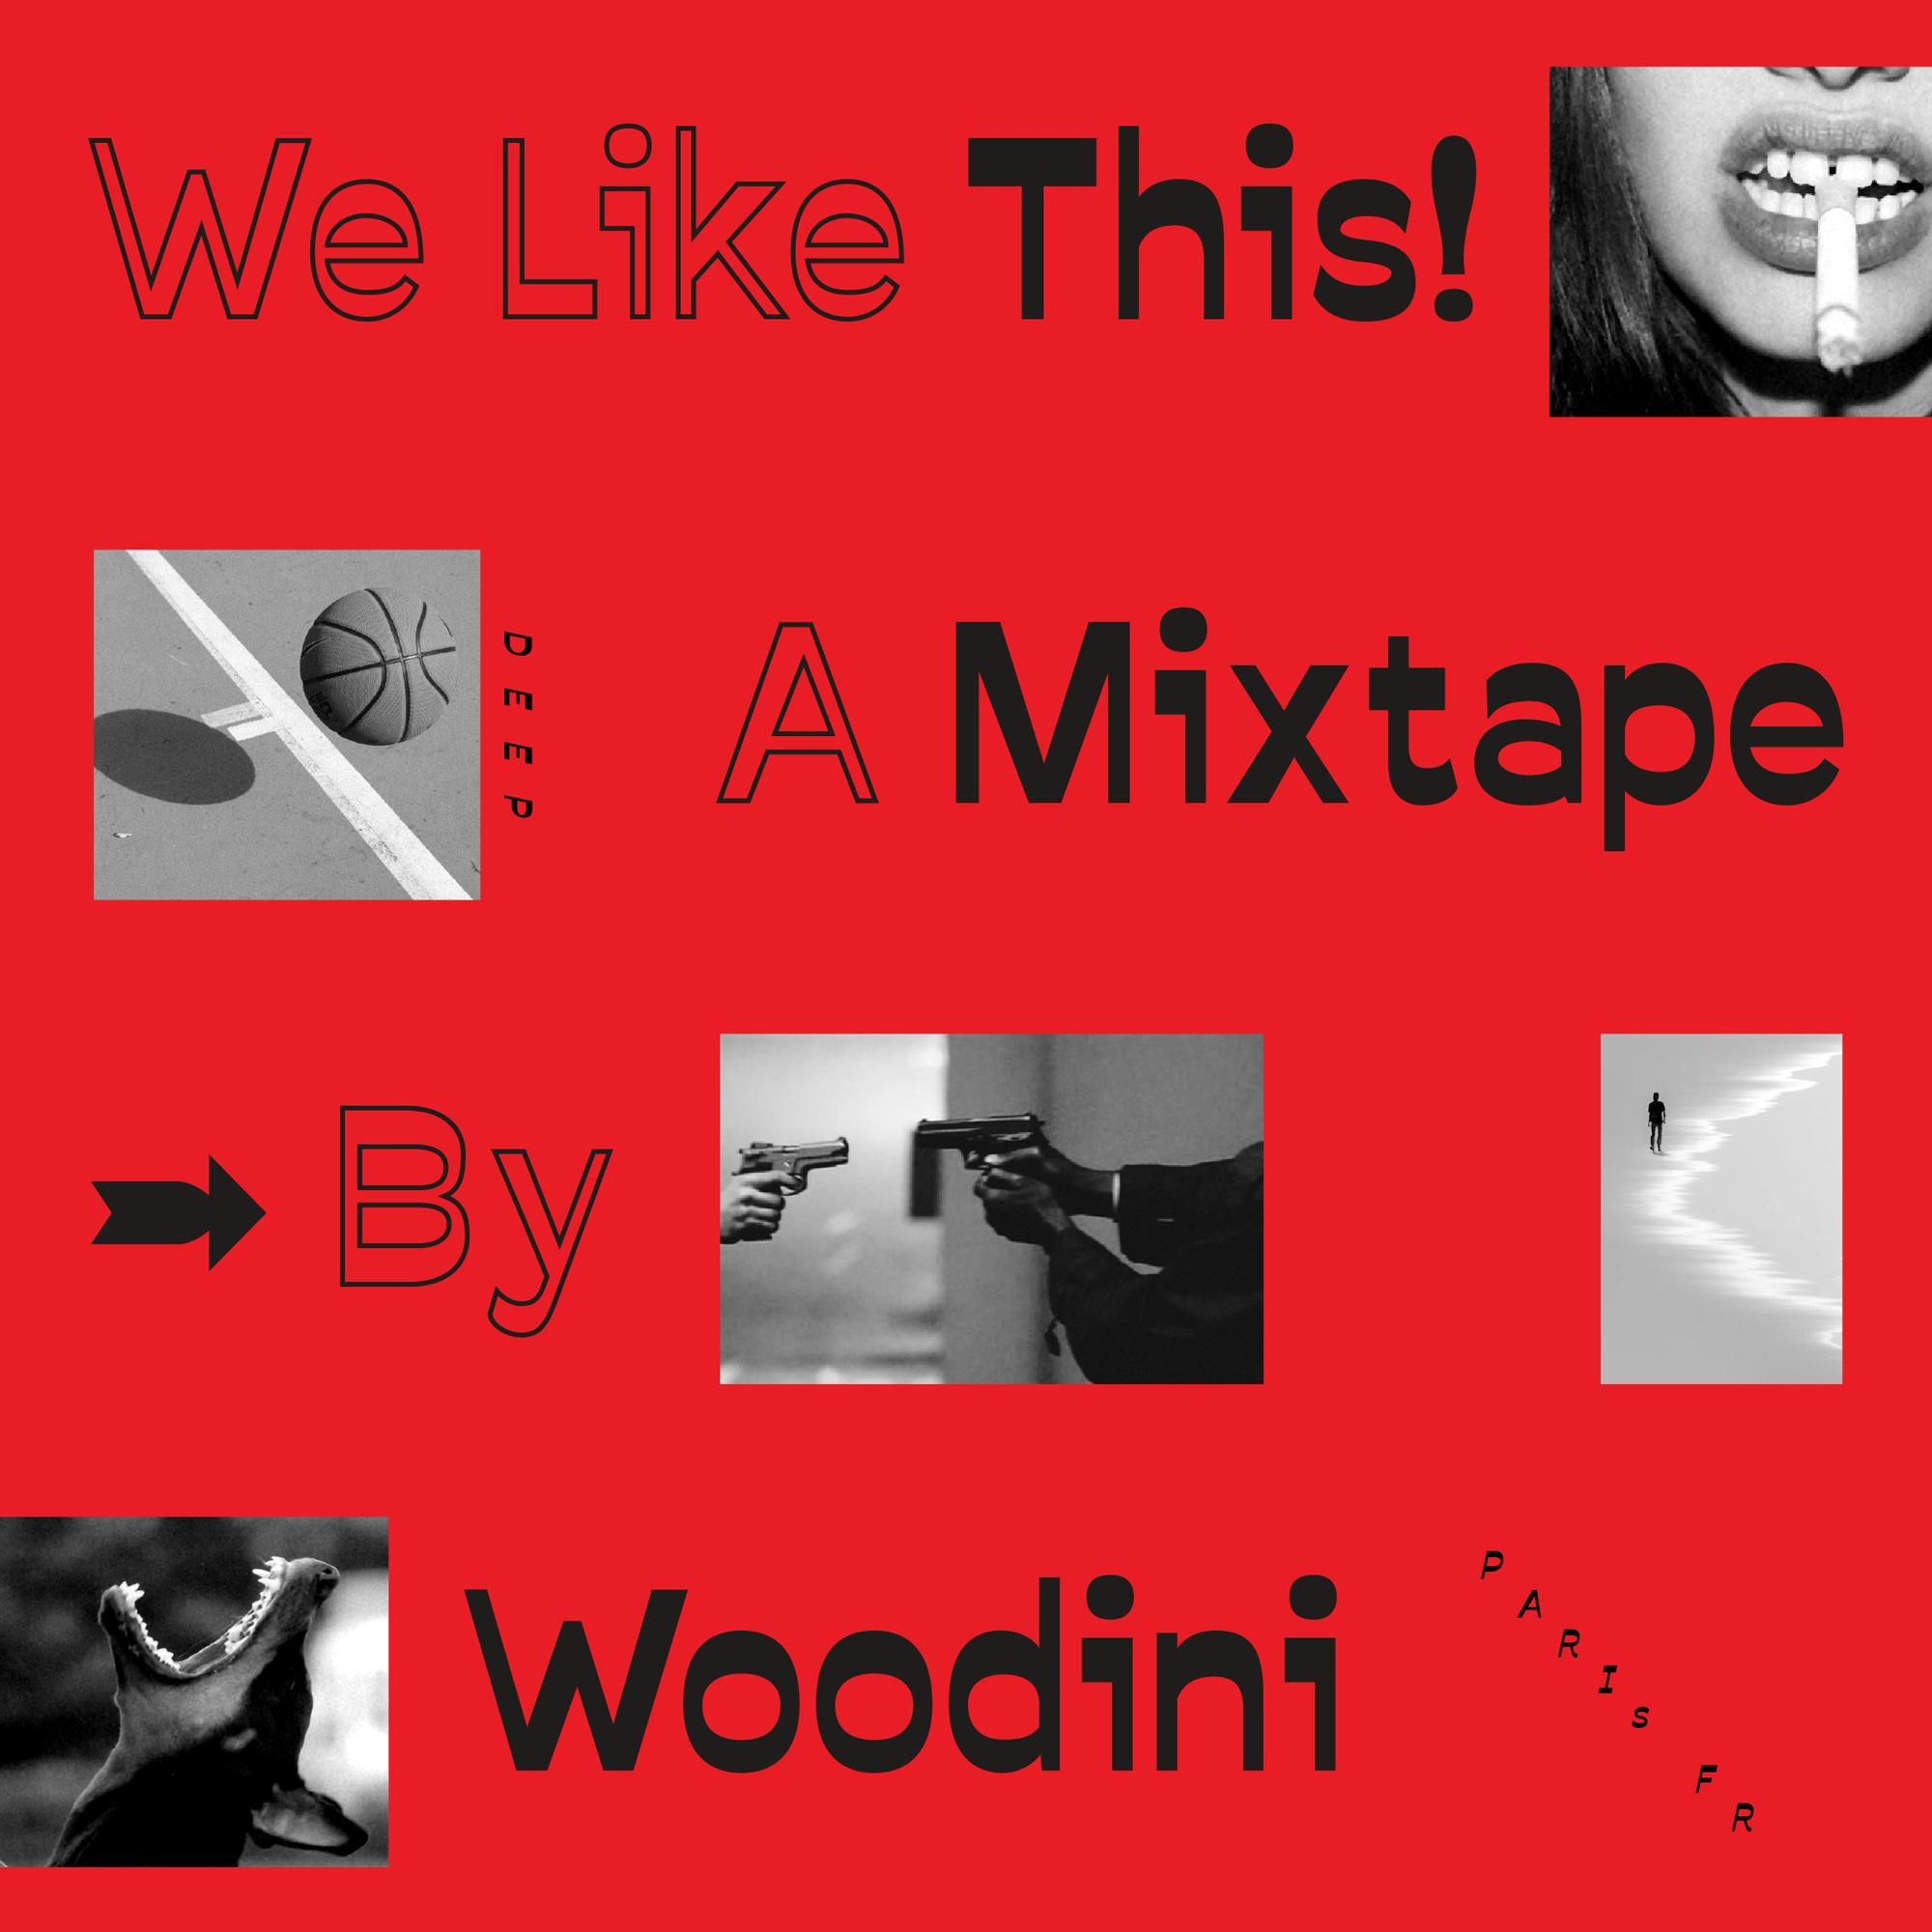 WeLikeThis-Woodini.jpg